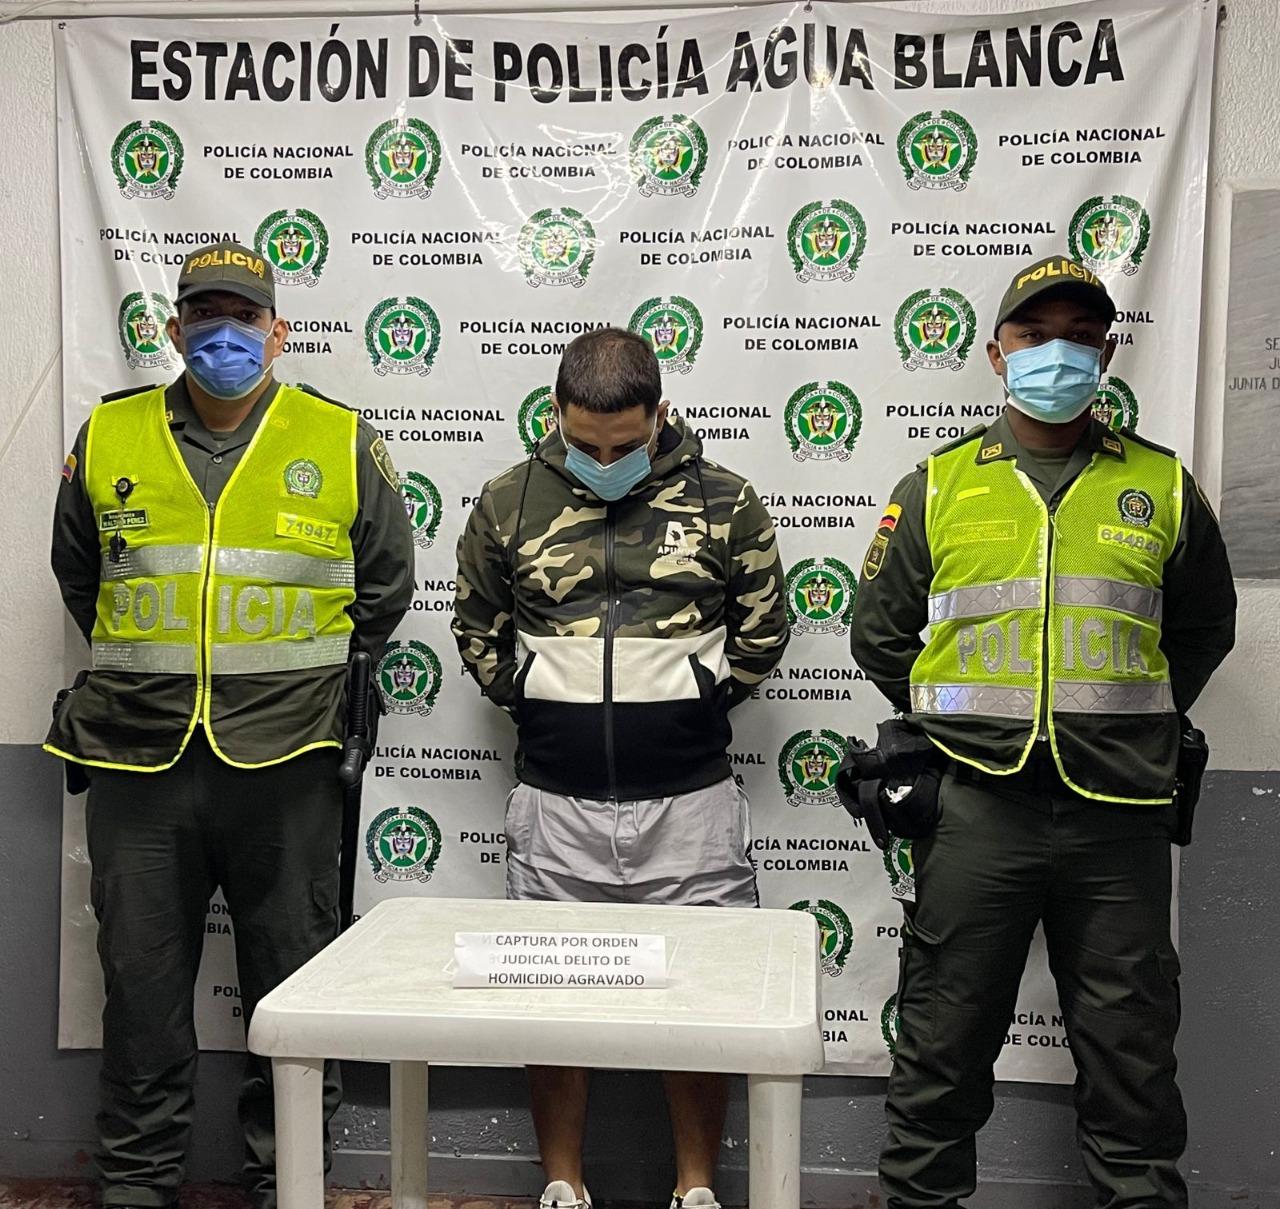 A la cárcel un hombre que habría provocado la muerte de dos ciudadanos con un arma de fuego - Noticias de Colombia